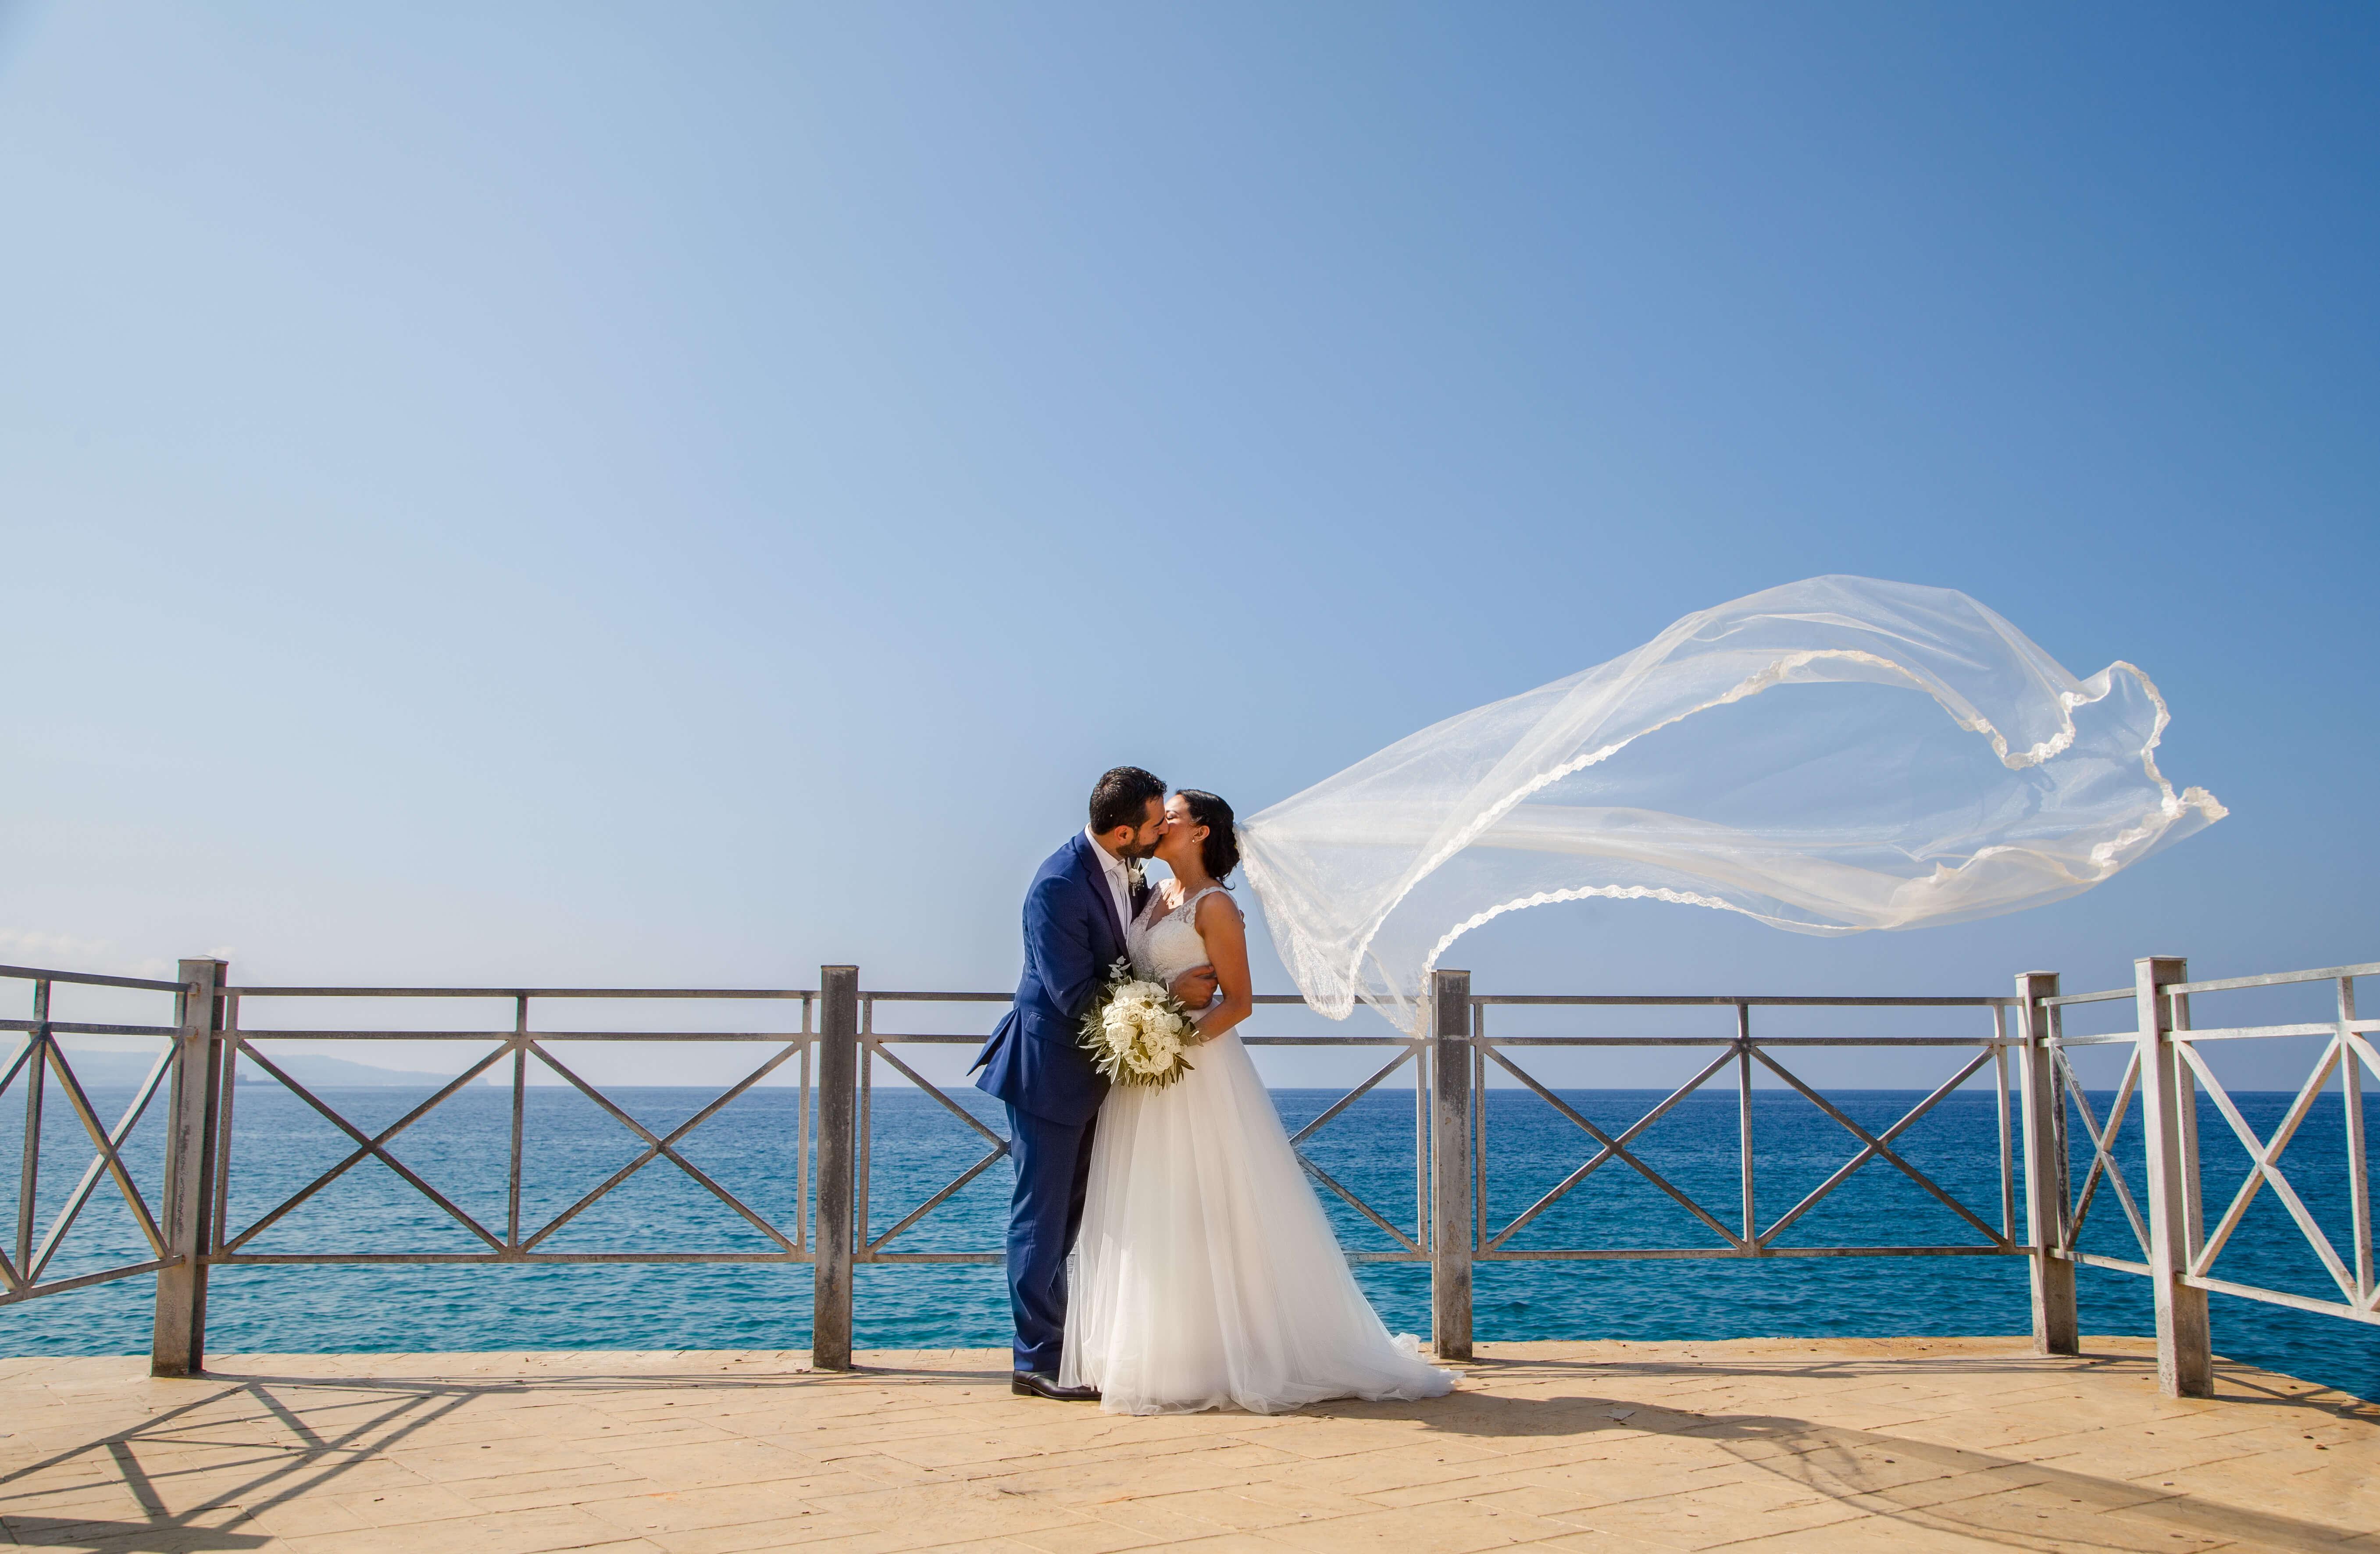 Italian Wedding, Destination Wedding, Dwstimation Wedding Photography